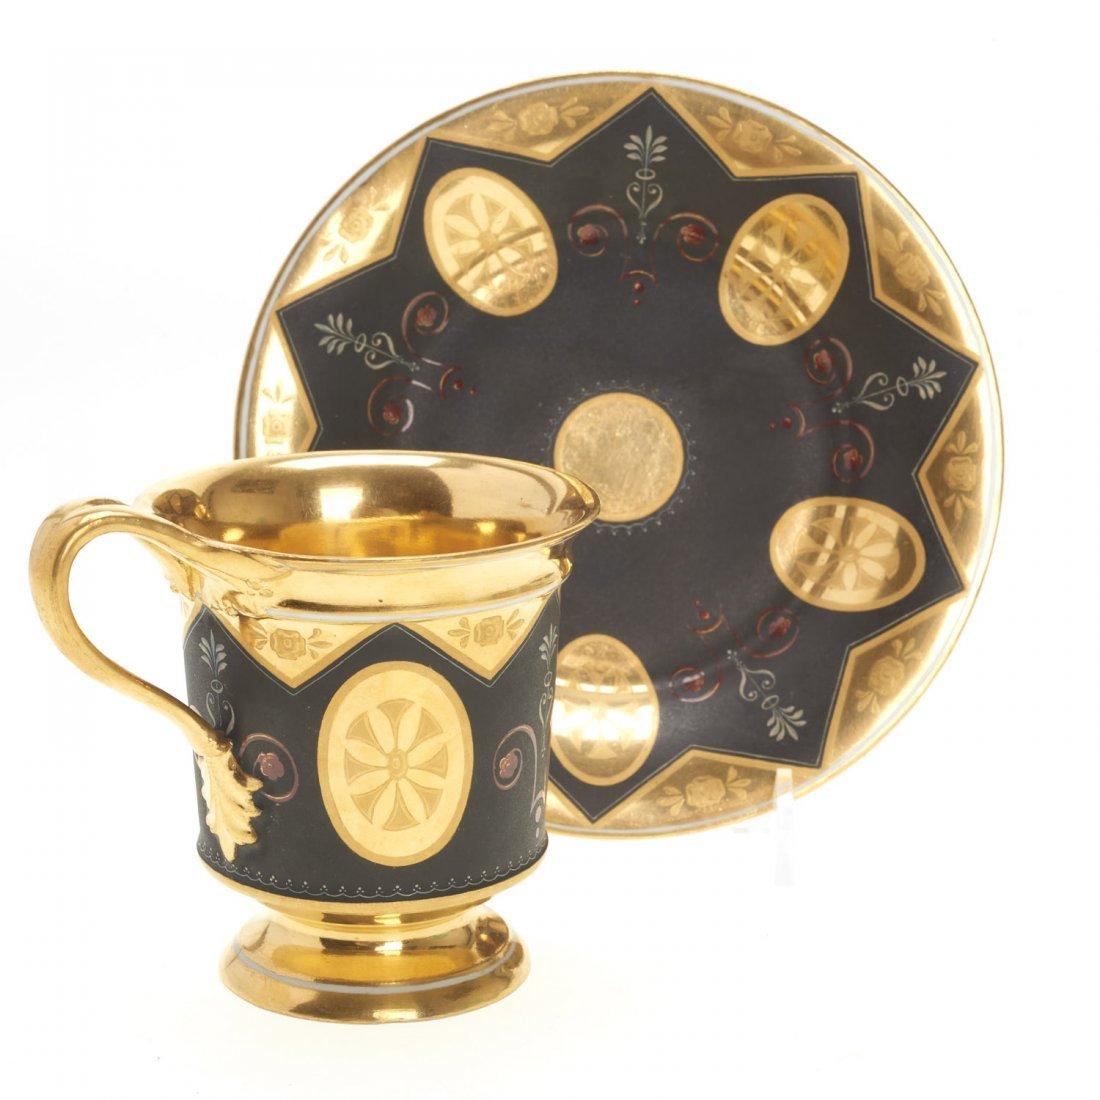 (3) Royal Vienna porcelain teacups/saucers - 6